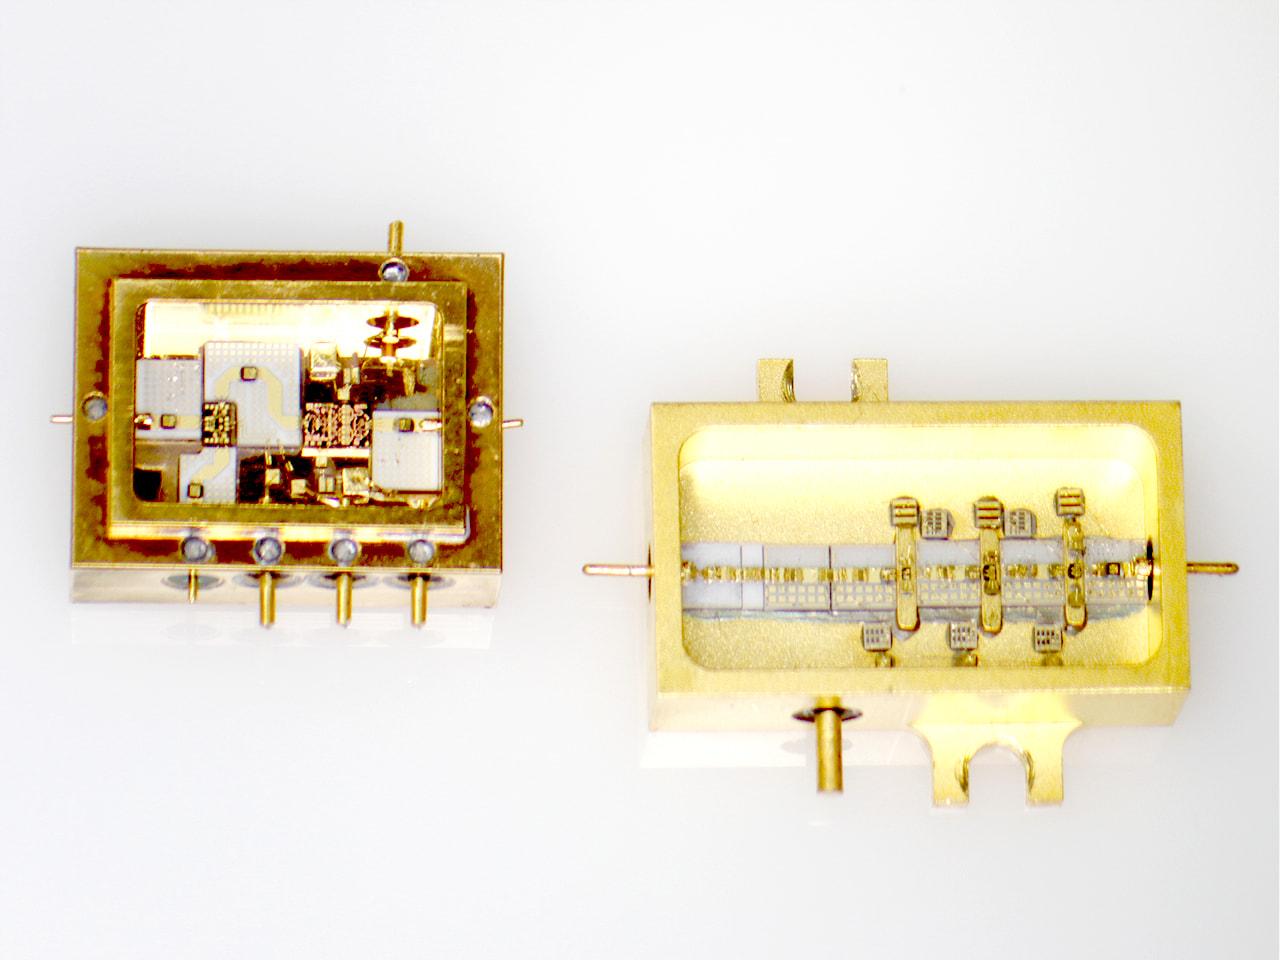 マイクロ波集積回路